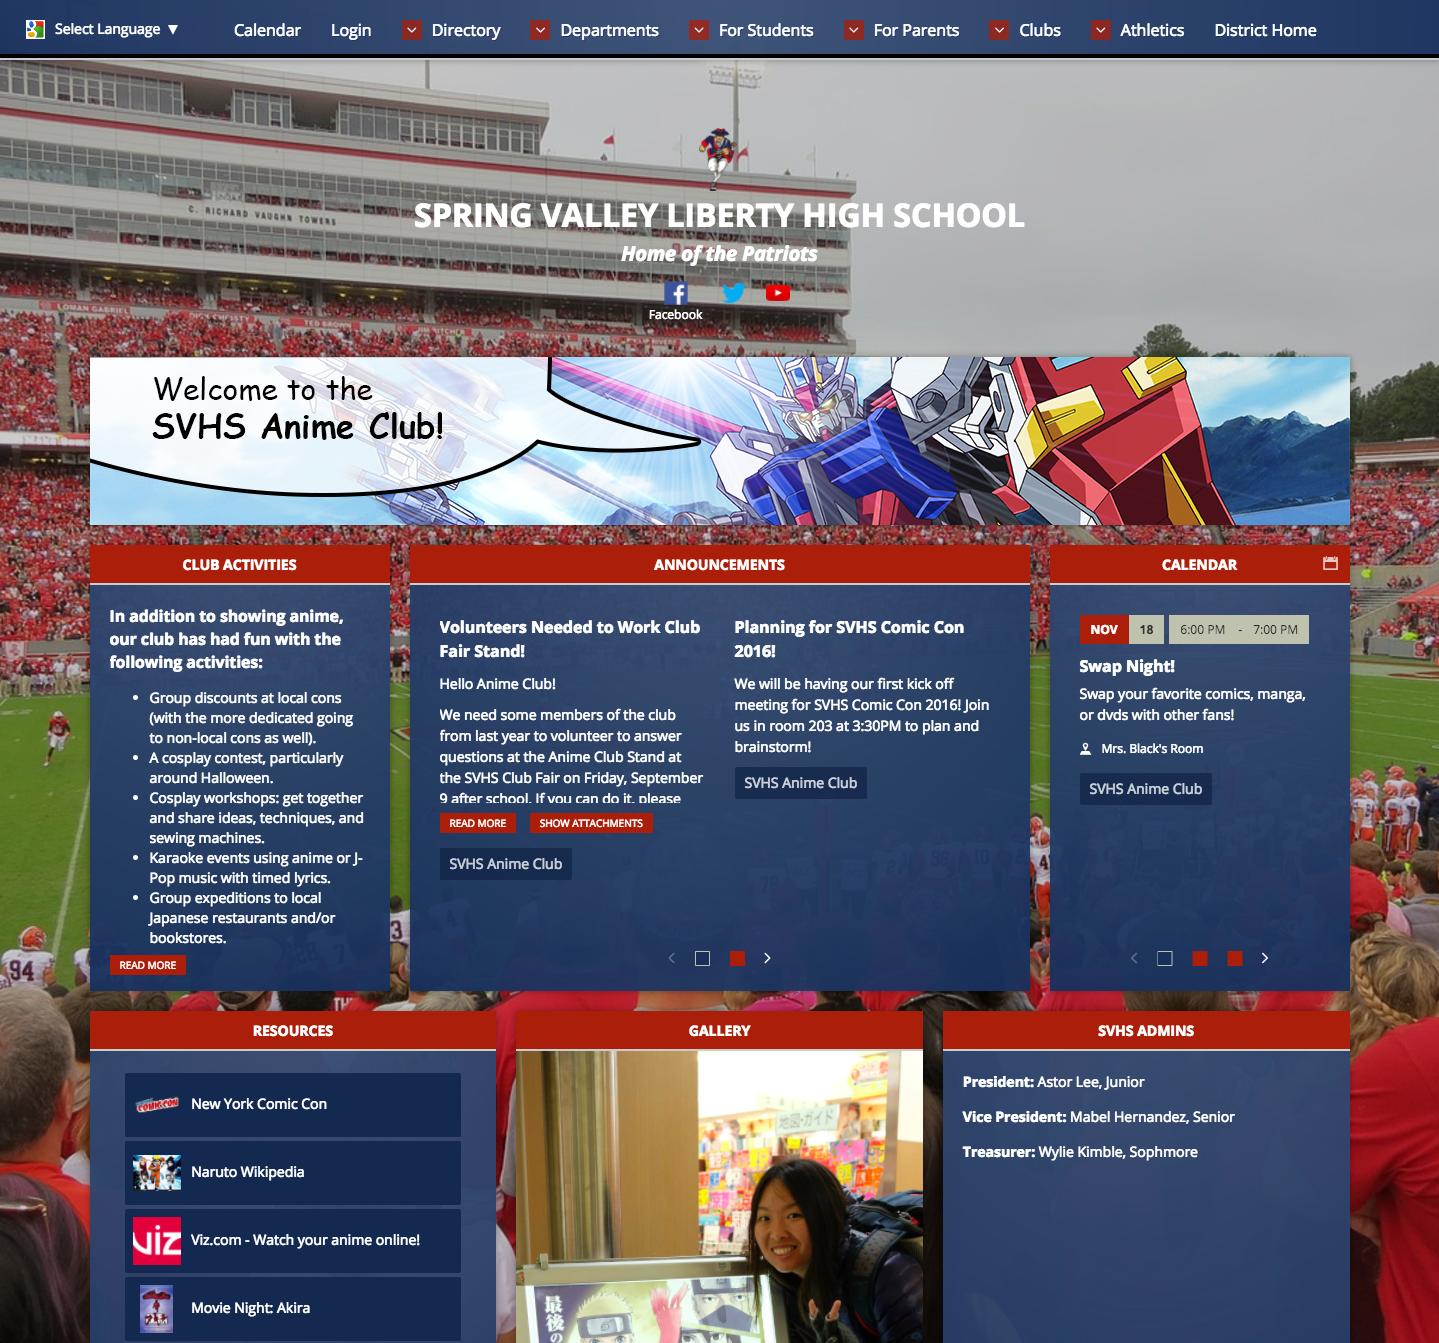 High School Club Web Page